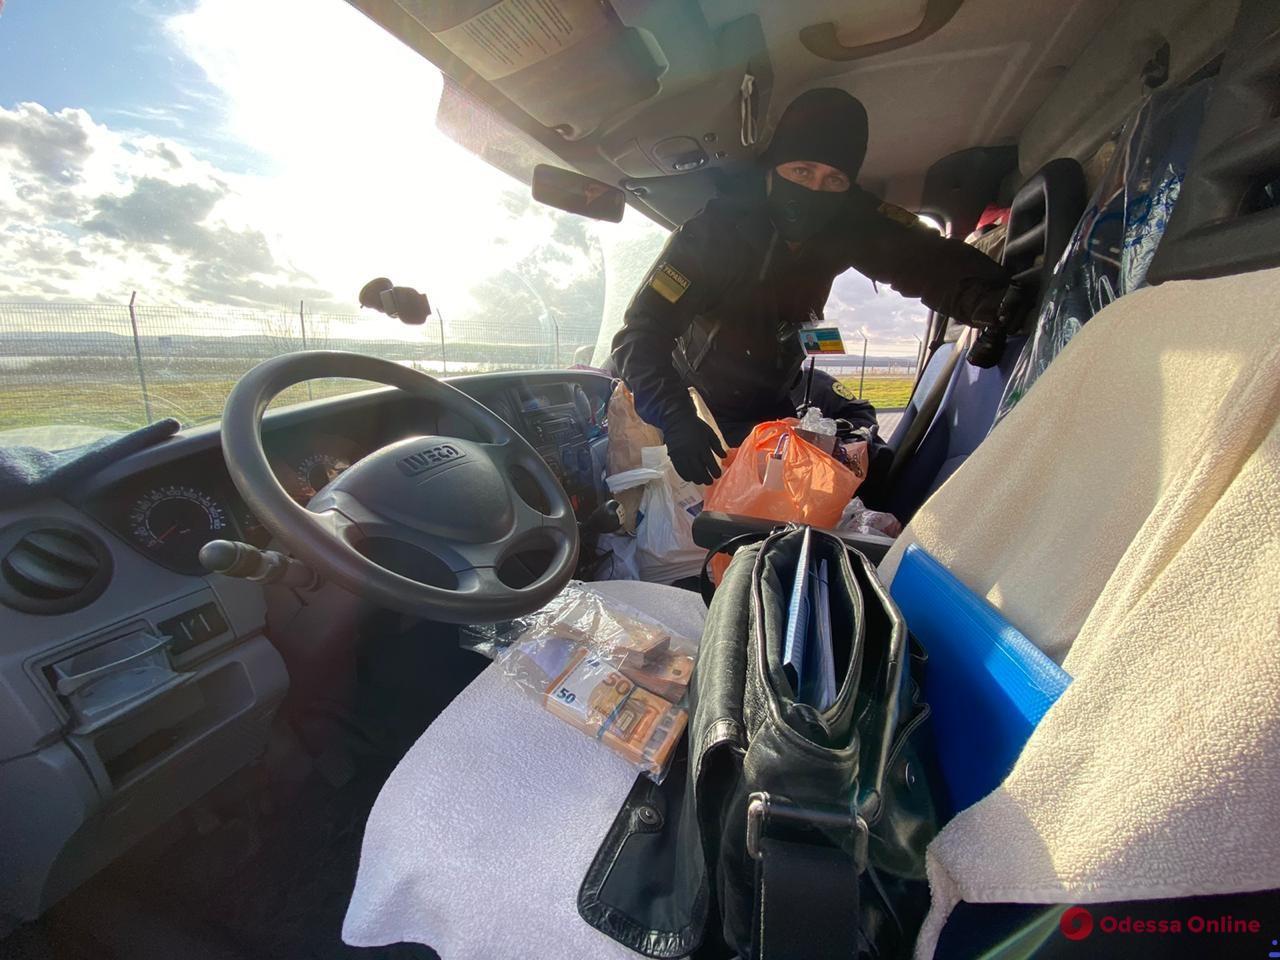 В Одесской области перед Новым годом пограничники конфисковали у украинца 33 тысячи евро